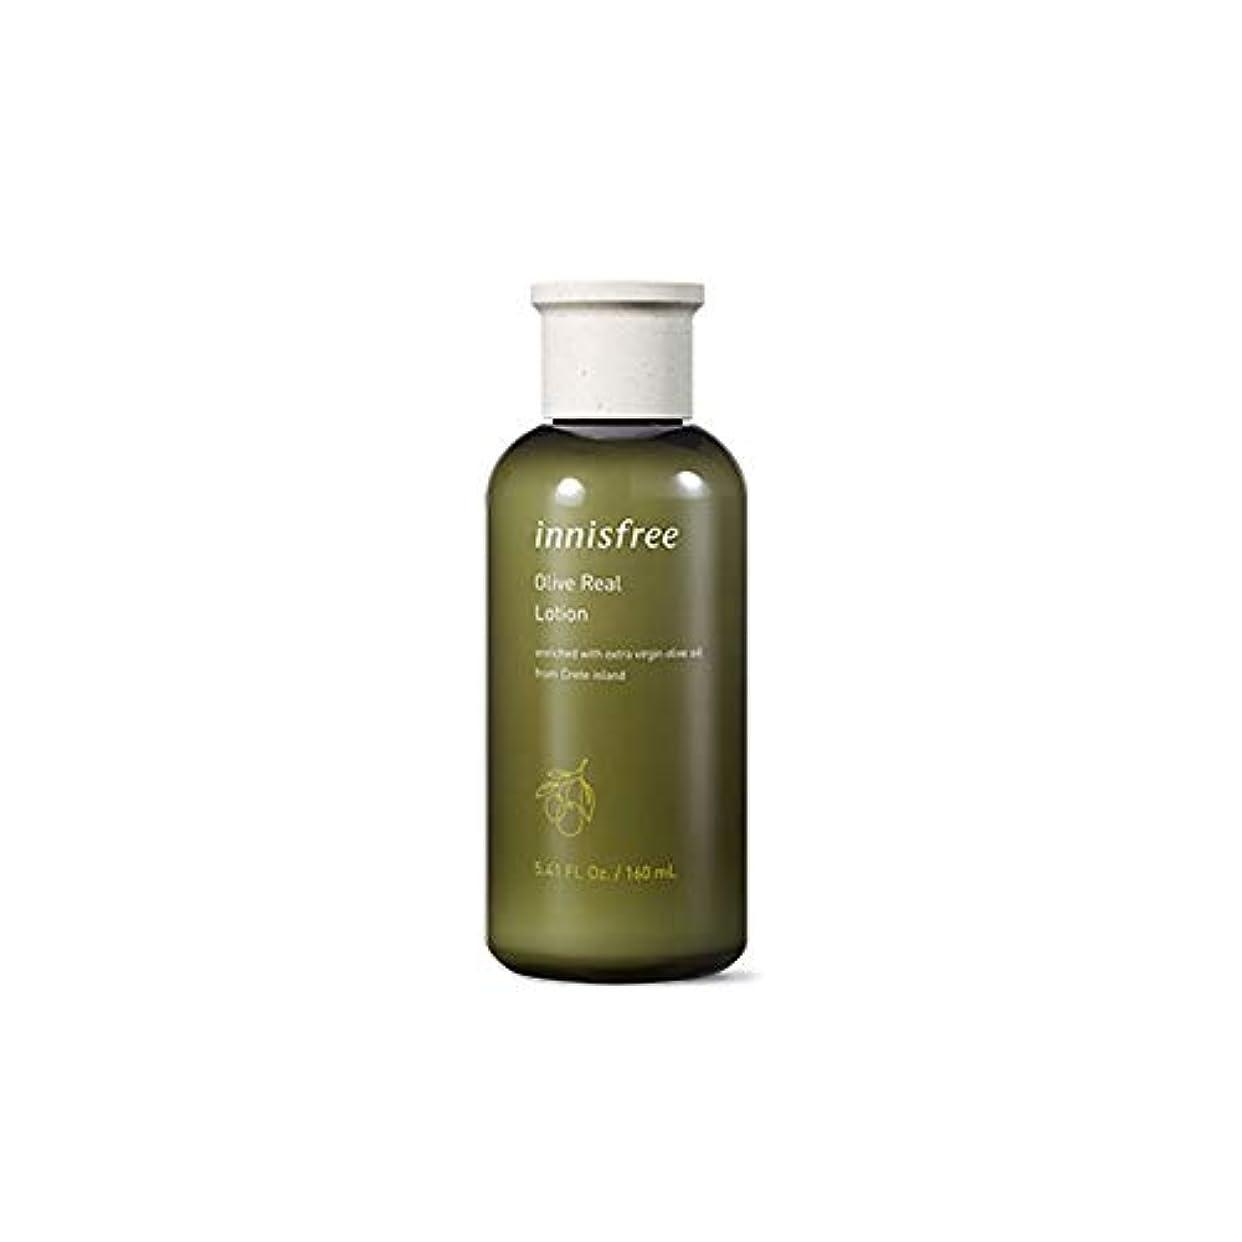 統計的空の船員NEW[イニスフリー] Innisfree オリーブリアルローション乳液EX(160ml) Innisfree Olive Real Lotion(160ml)EX [海外直送品]